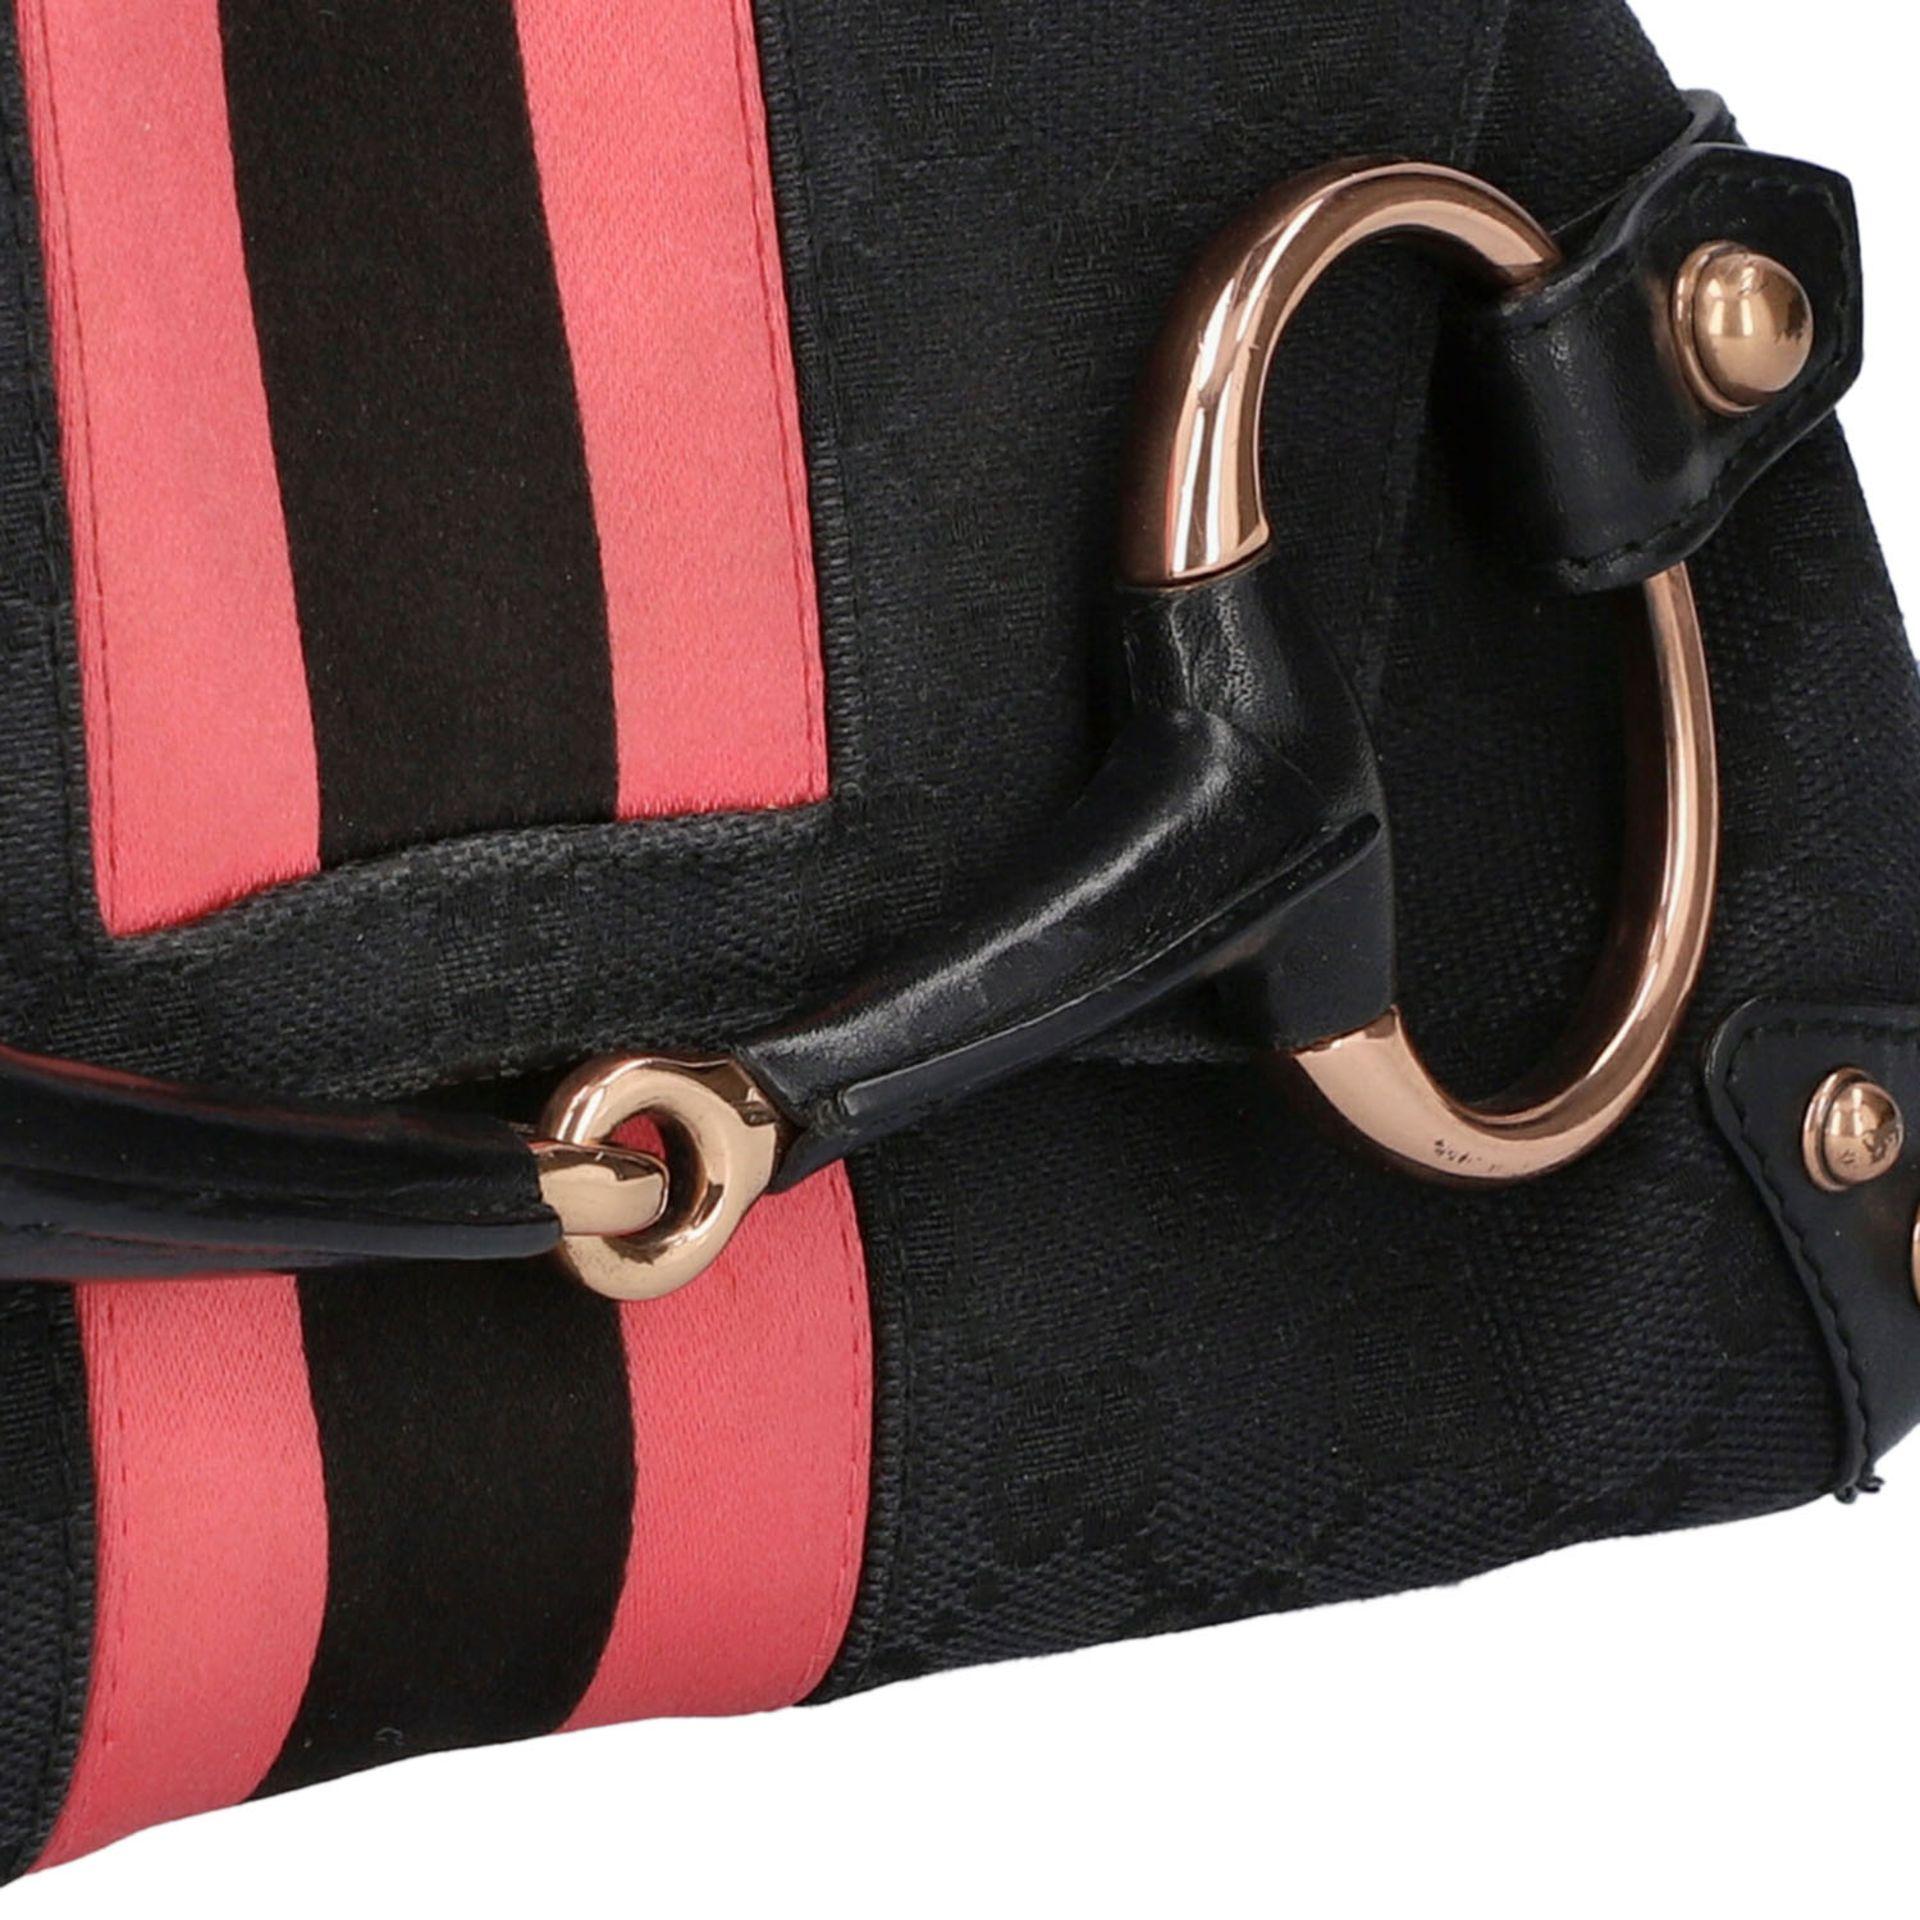 GUCCI Pochette. Guccissima Webmuster in Schwarz mit rosafarbenen Streifen und roségol - Image 8 of 8